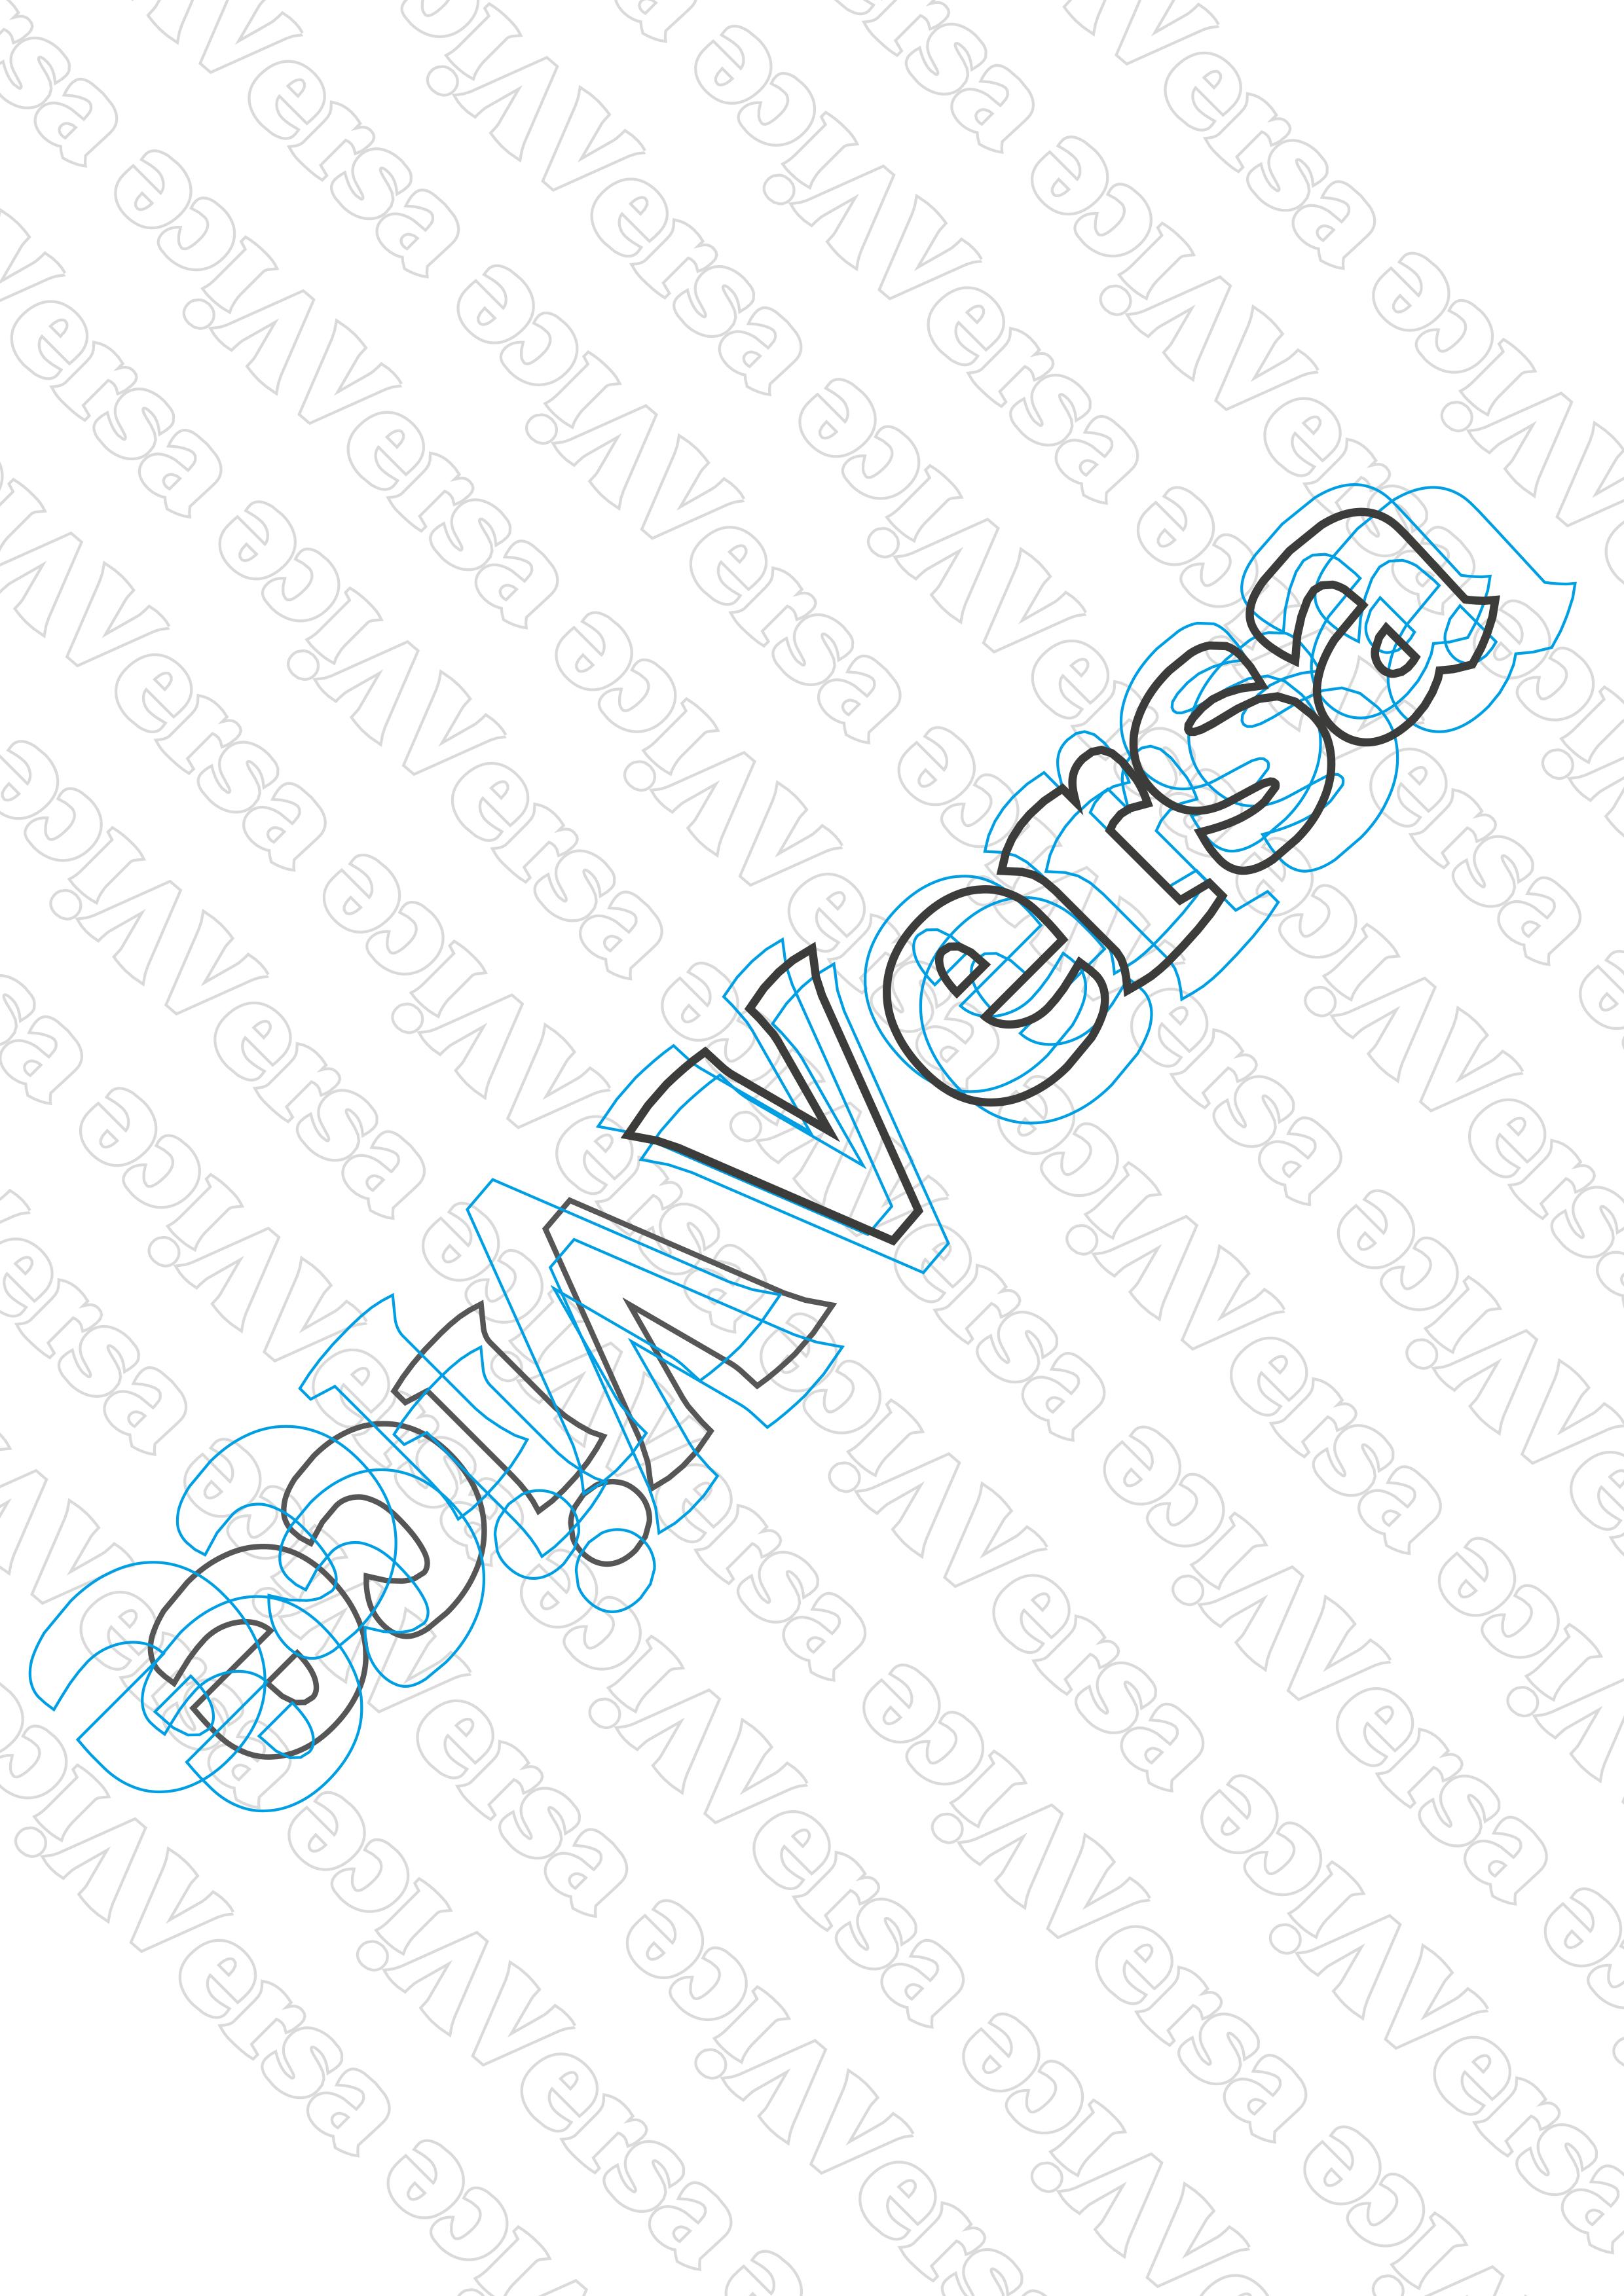 2_Manouk_vanVugt_Versa_Spread_VERBETERD_A